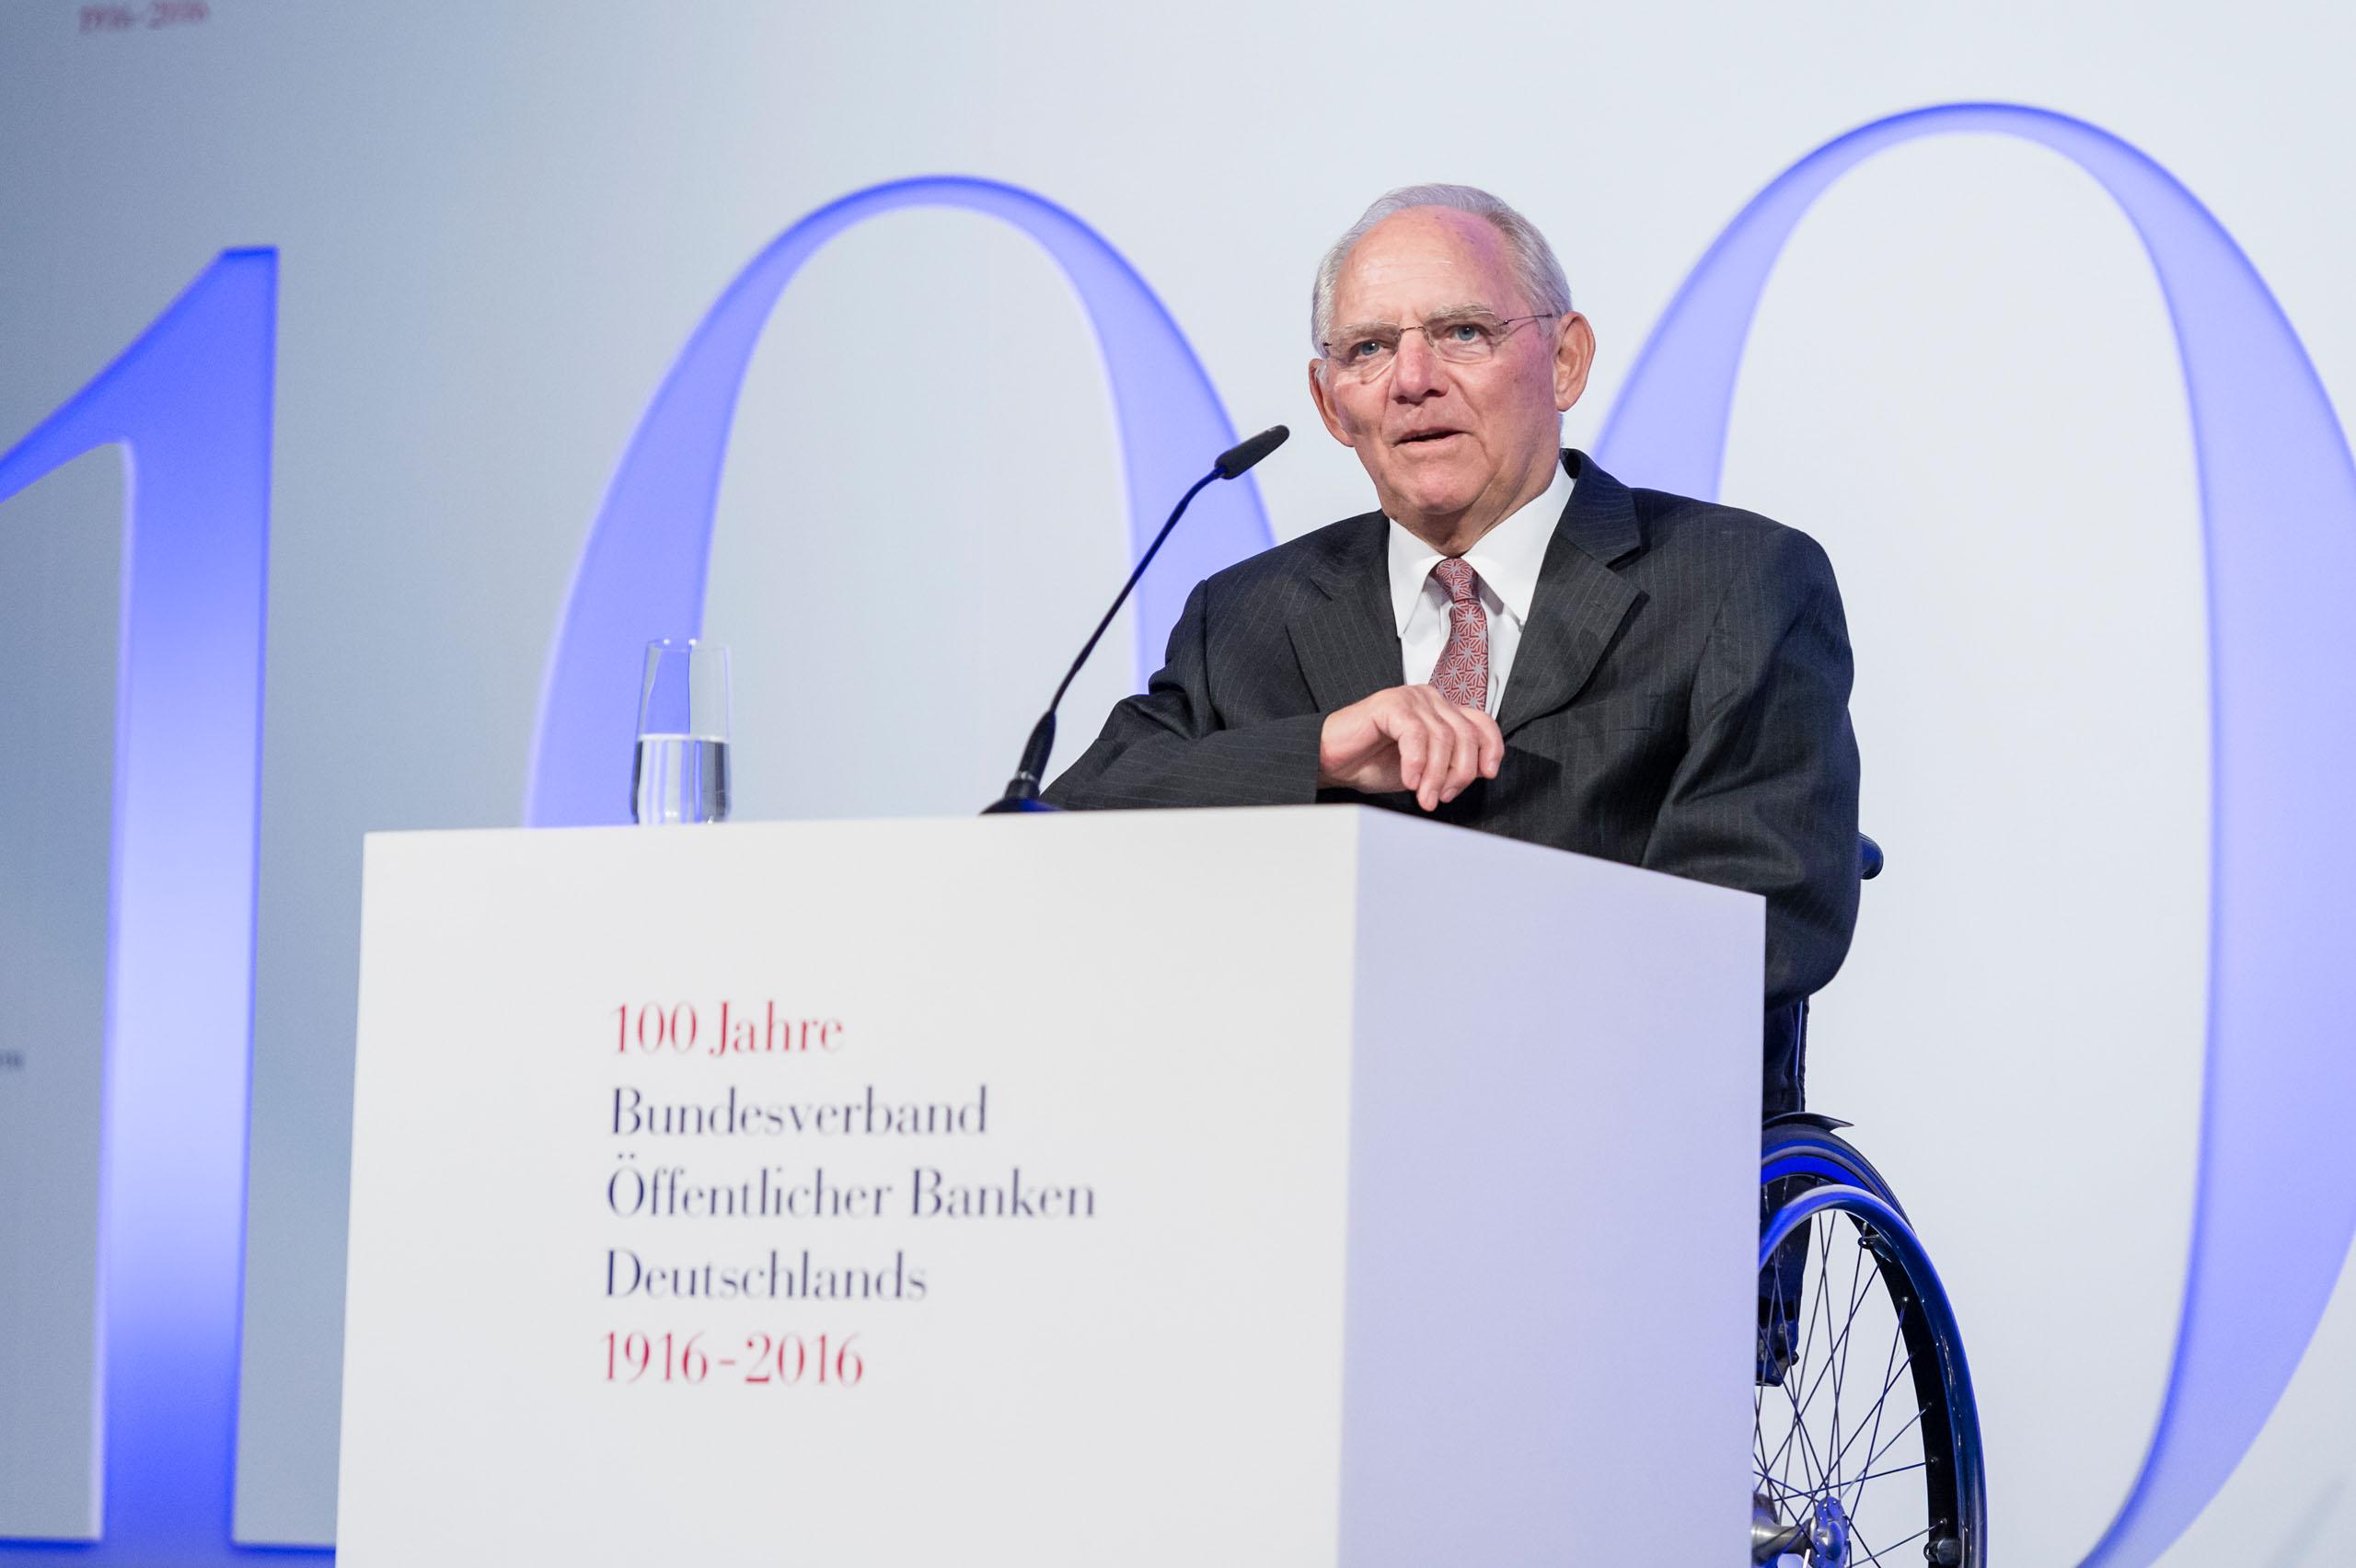 100 Jahre Bundesverband Öffentlicher Banken Deutschlands, Berlinttrust_portfolio